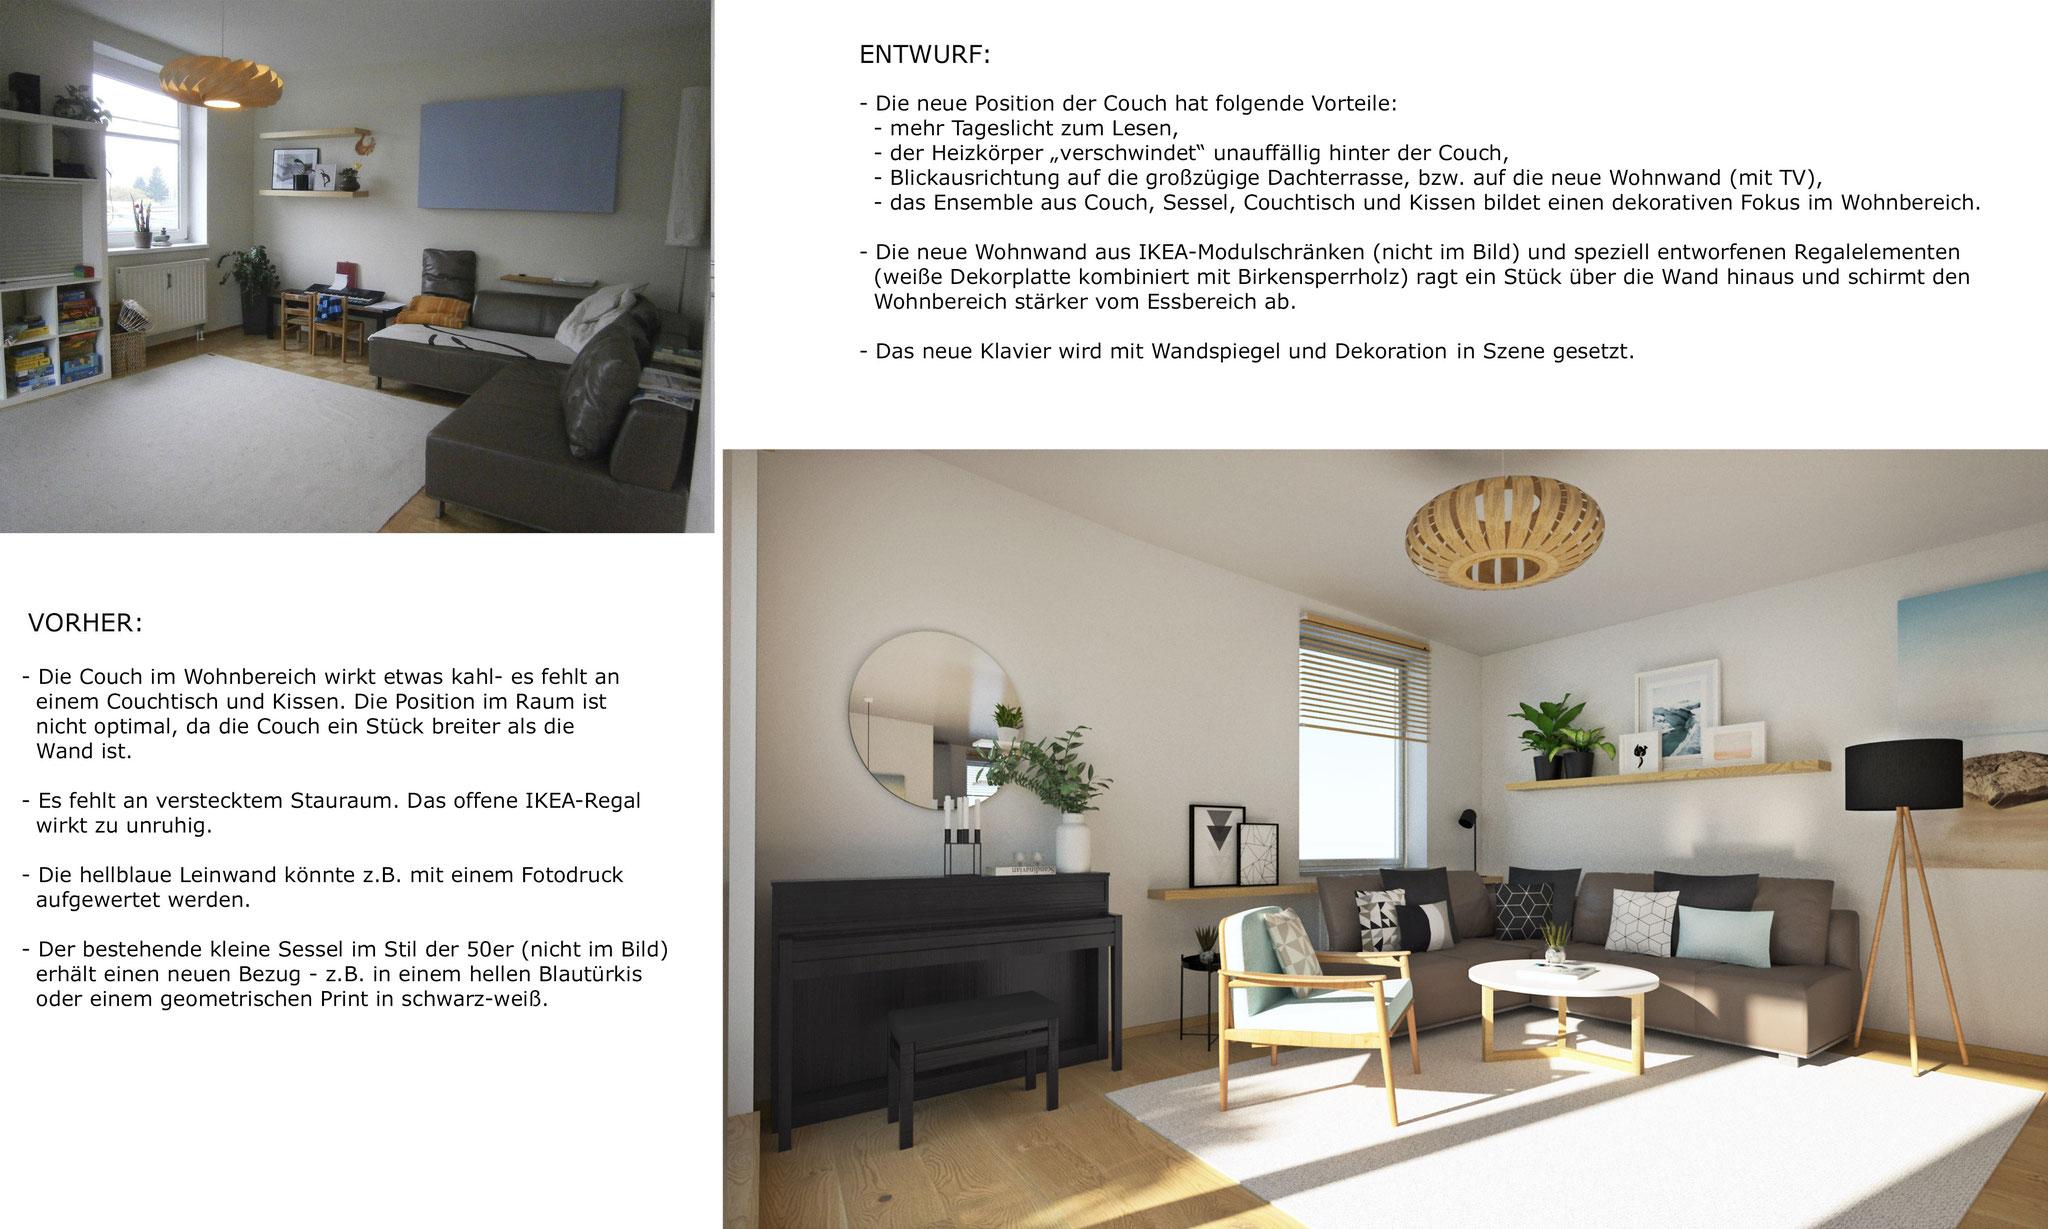 Entwurfsbeschreibung - Wohnbereich